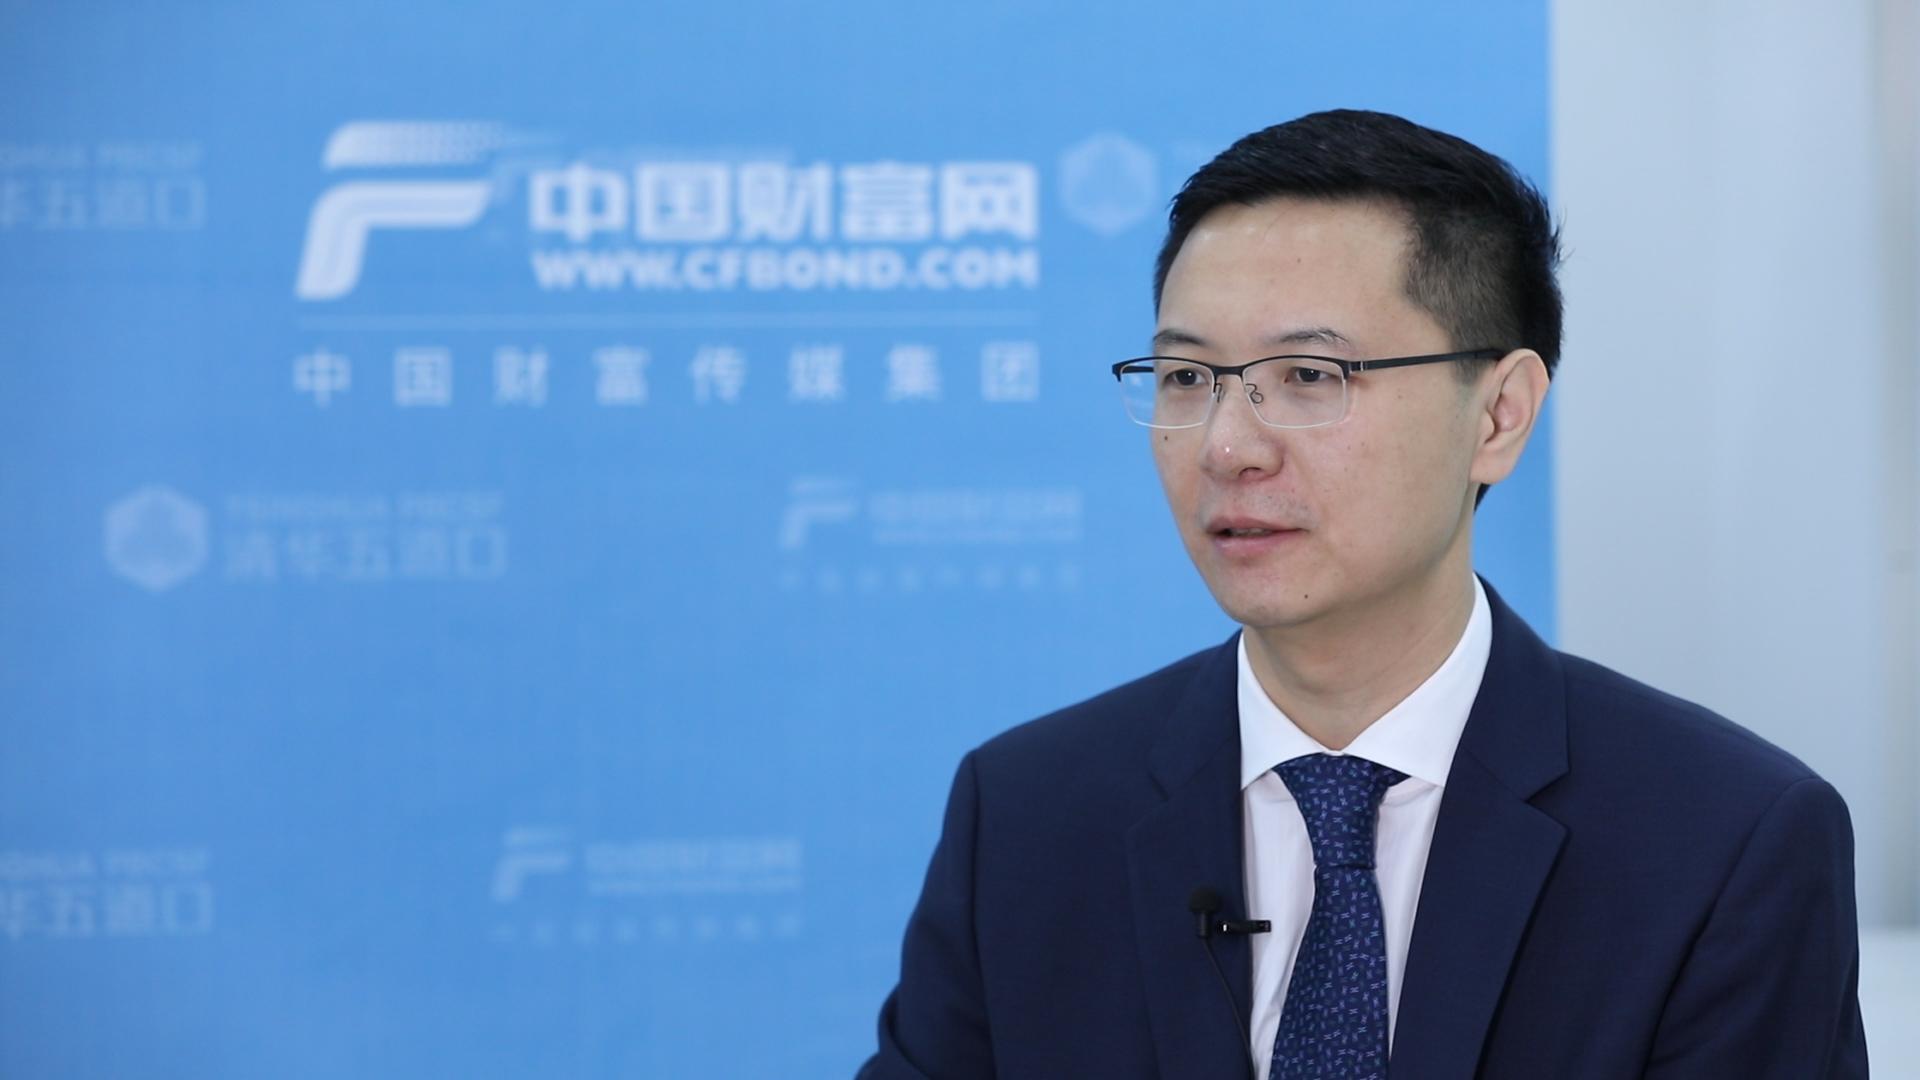 【中国财富报道】田轩:注册制助力中国经济向高质量发展转变